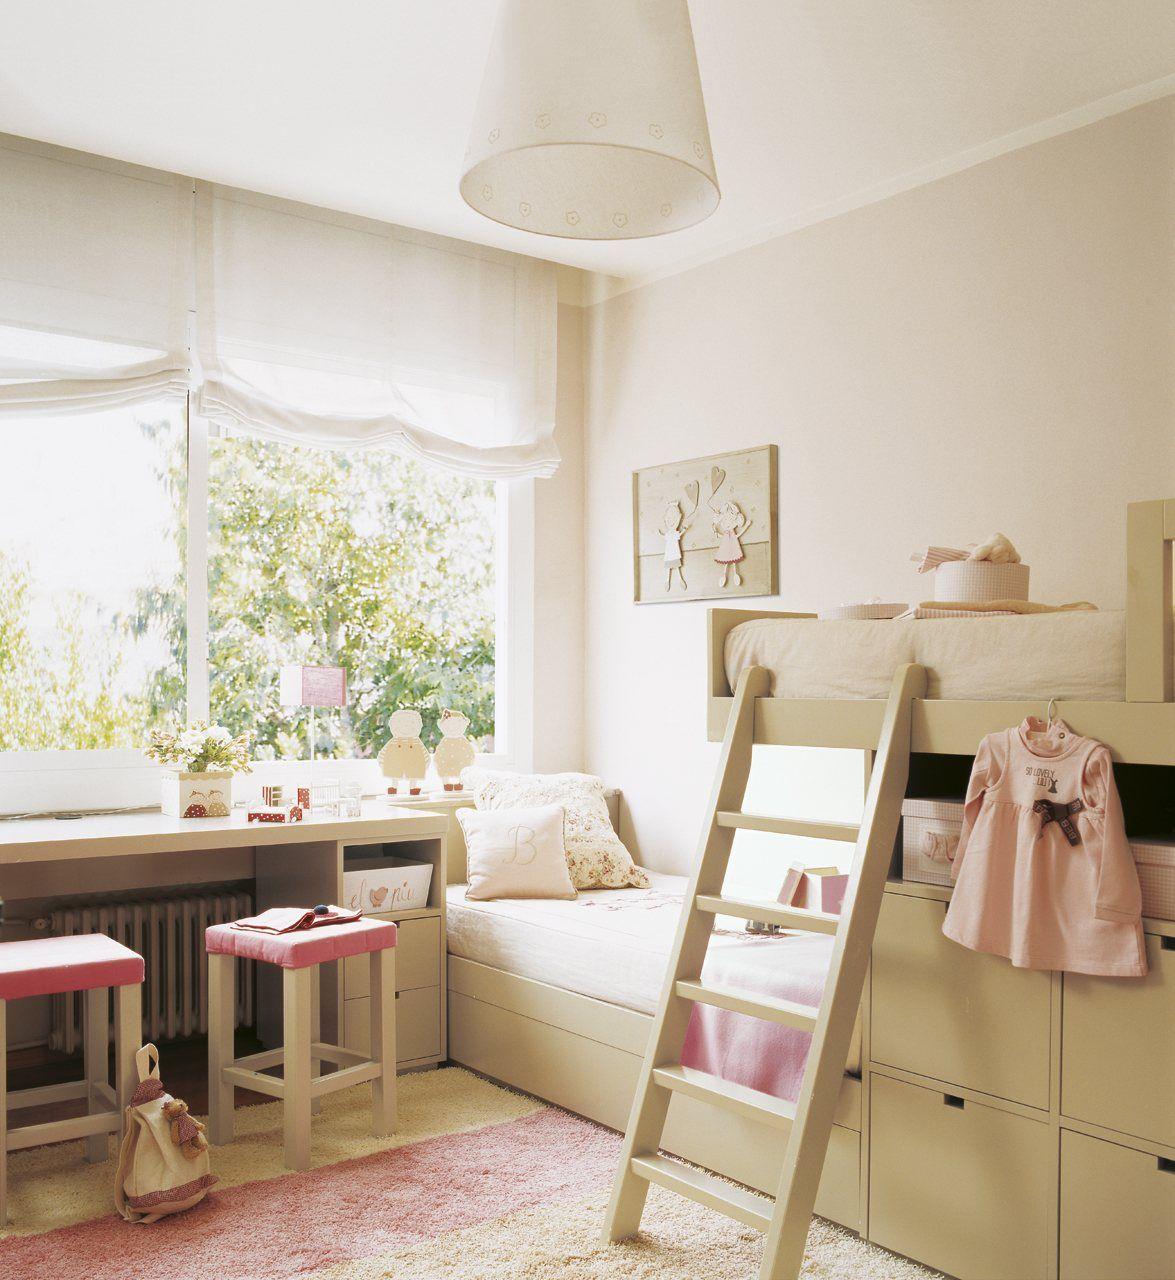 Dormitorios infantiles peque os s cales partido - Ideas habitaciones ninos ...